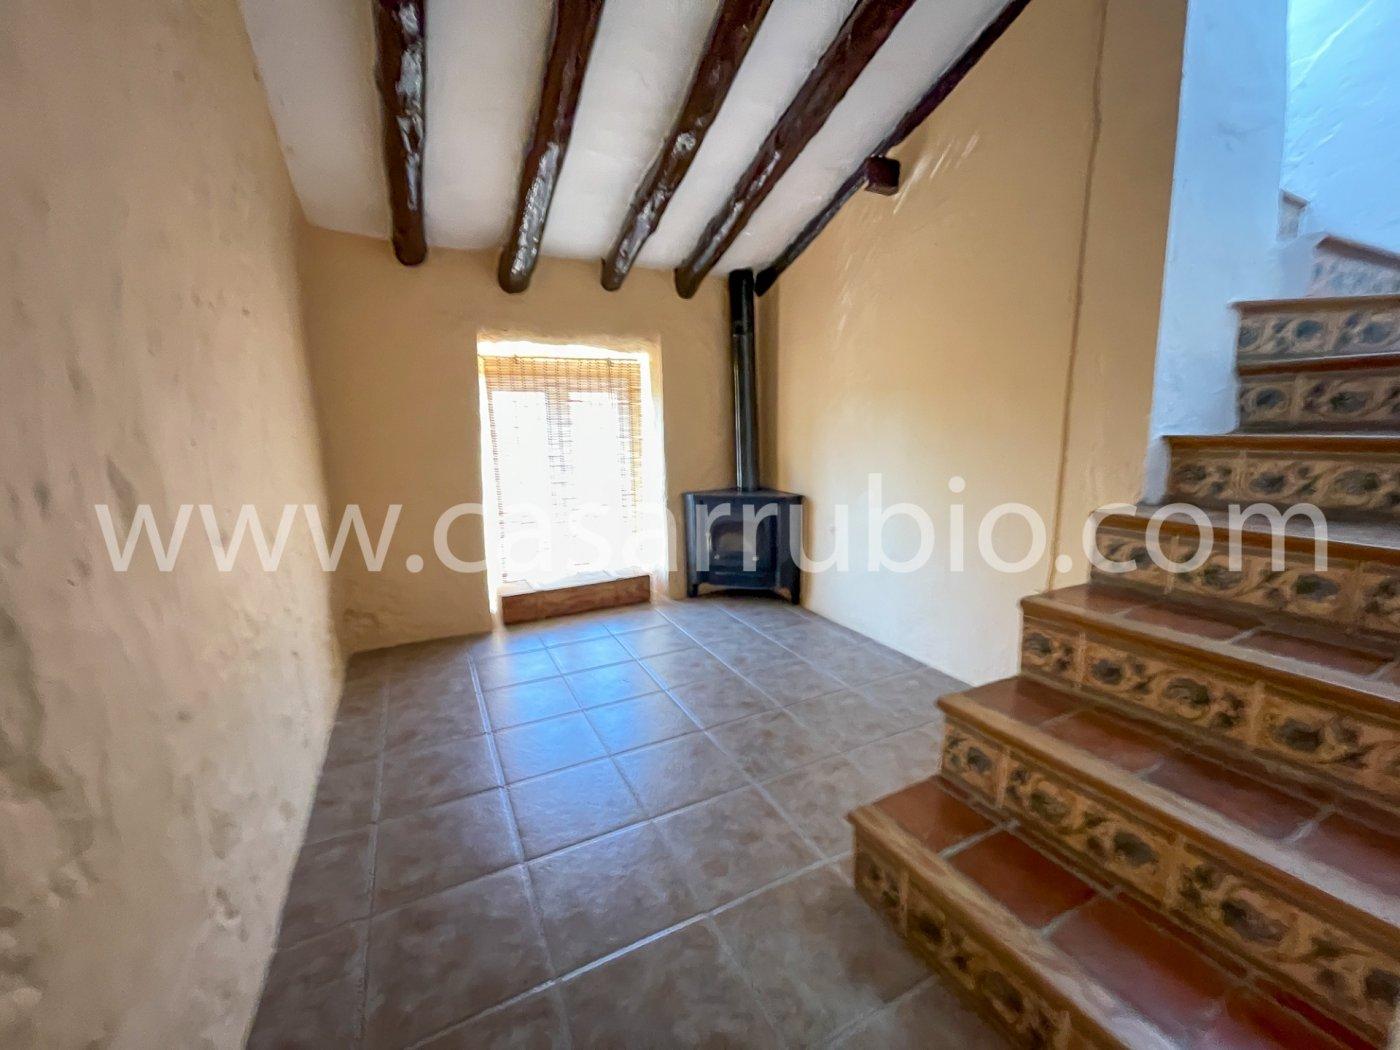 Estupenda casa reformada y con terraza en onil !! - imagenInmueble17